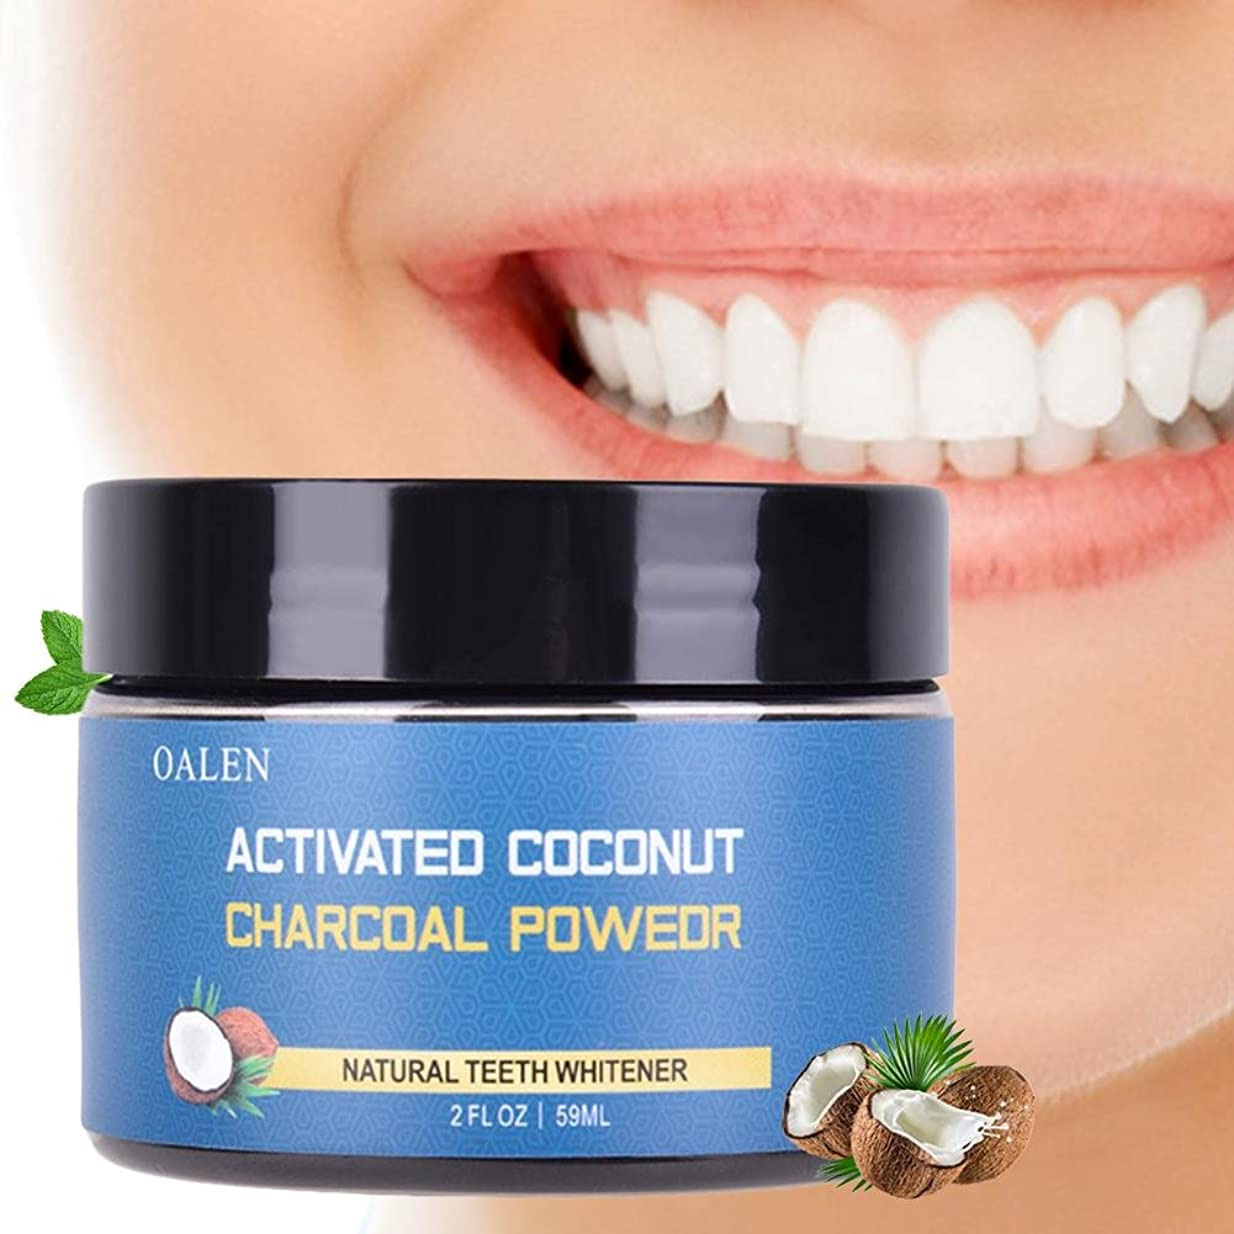 宗教的なまともな引くSILUN 歯磨き粉 ニングパウダー有機 ココナッツ殻活性炭組成デンタルステイン除去 歯美白自然 口腔ケア